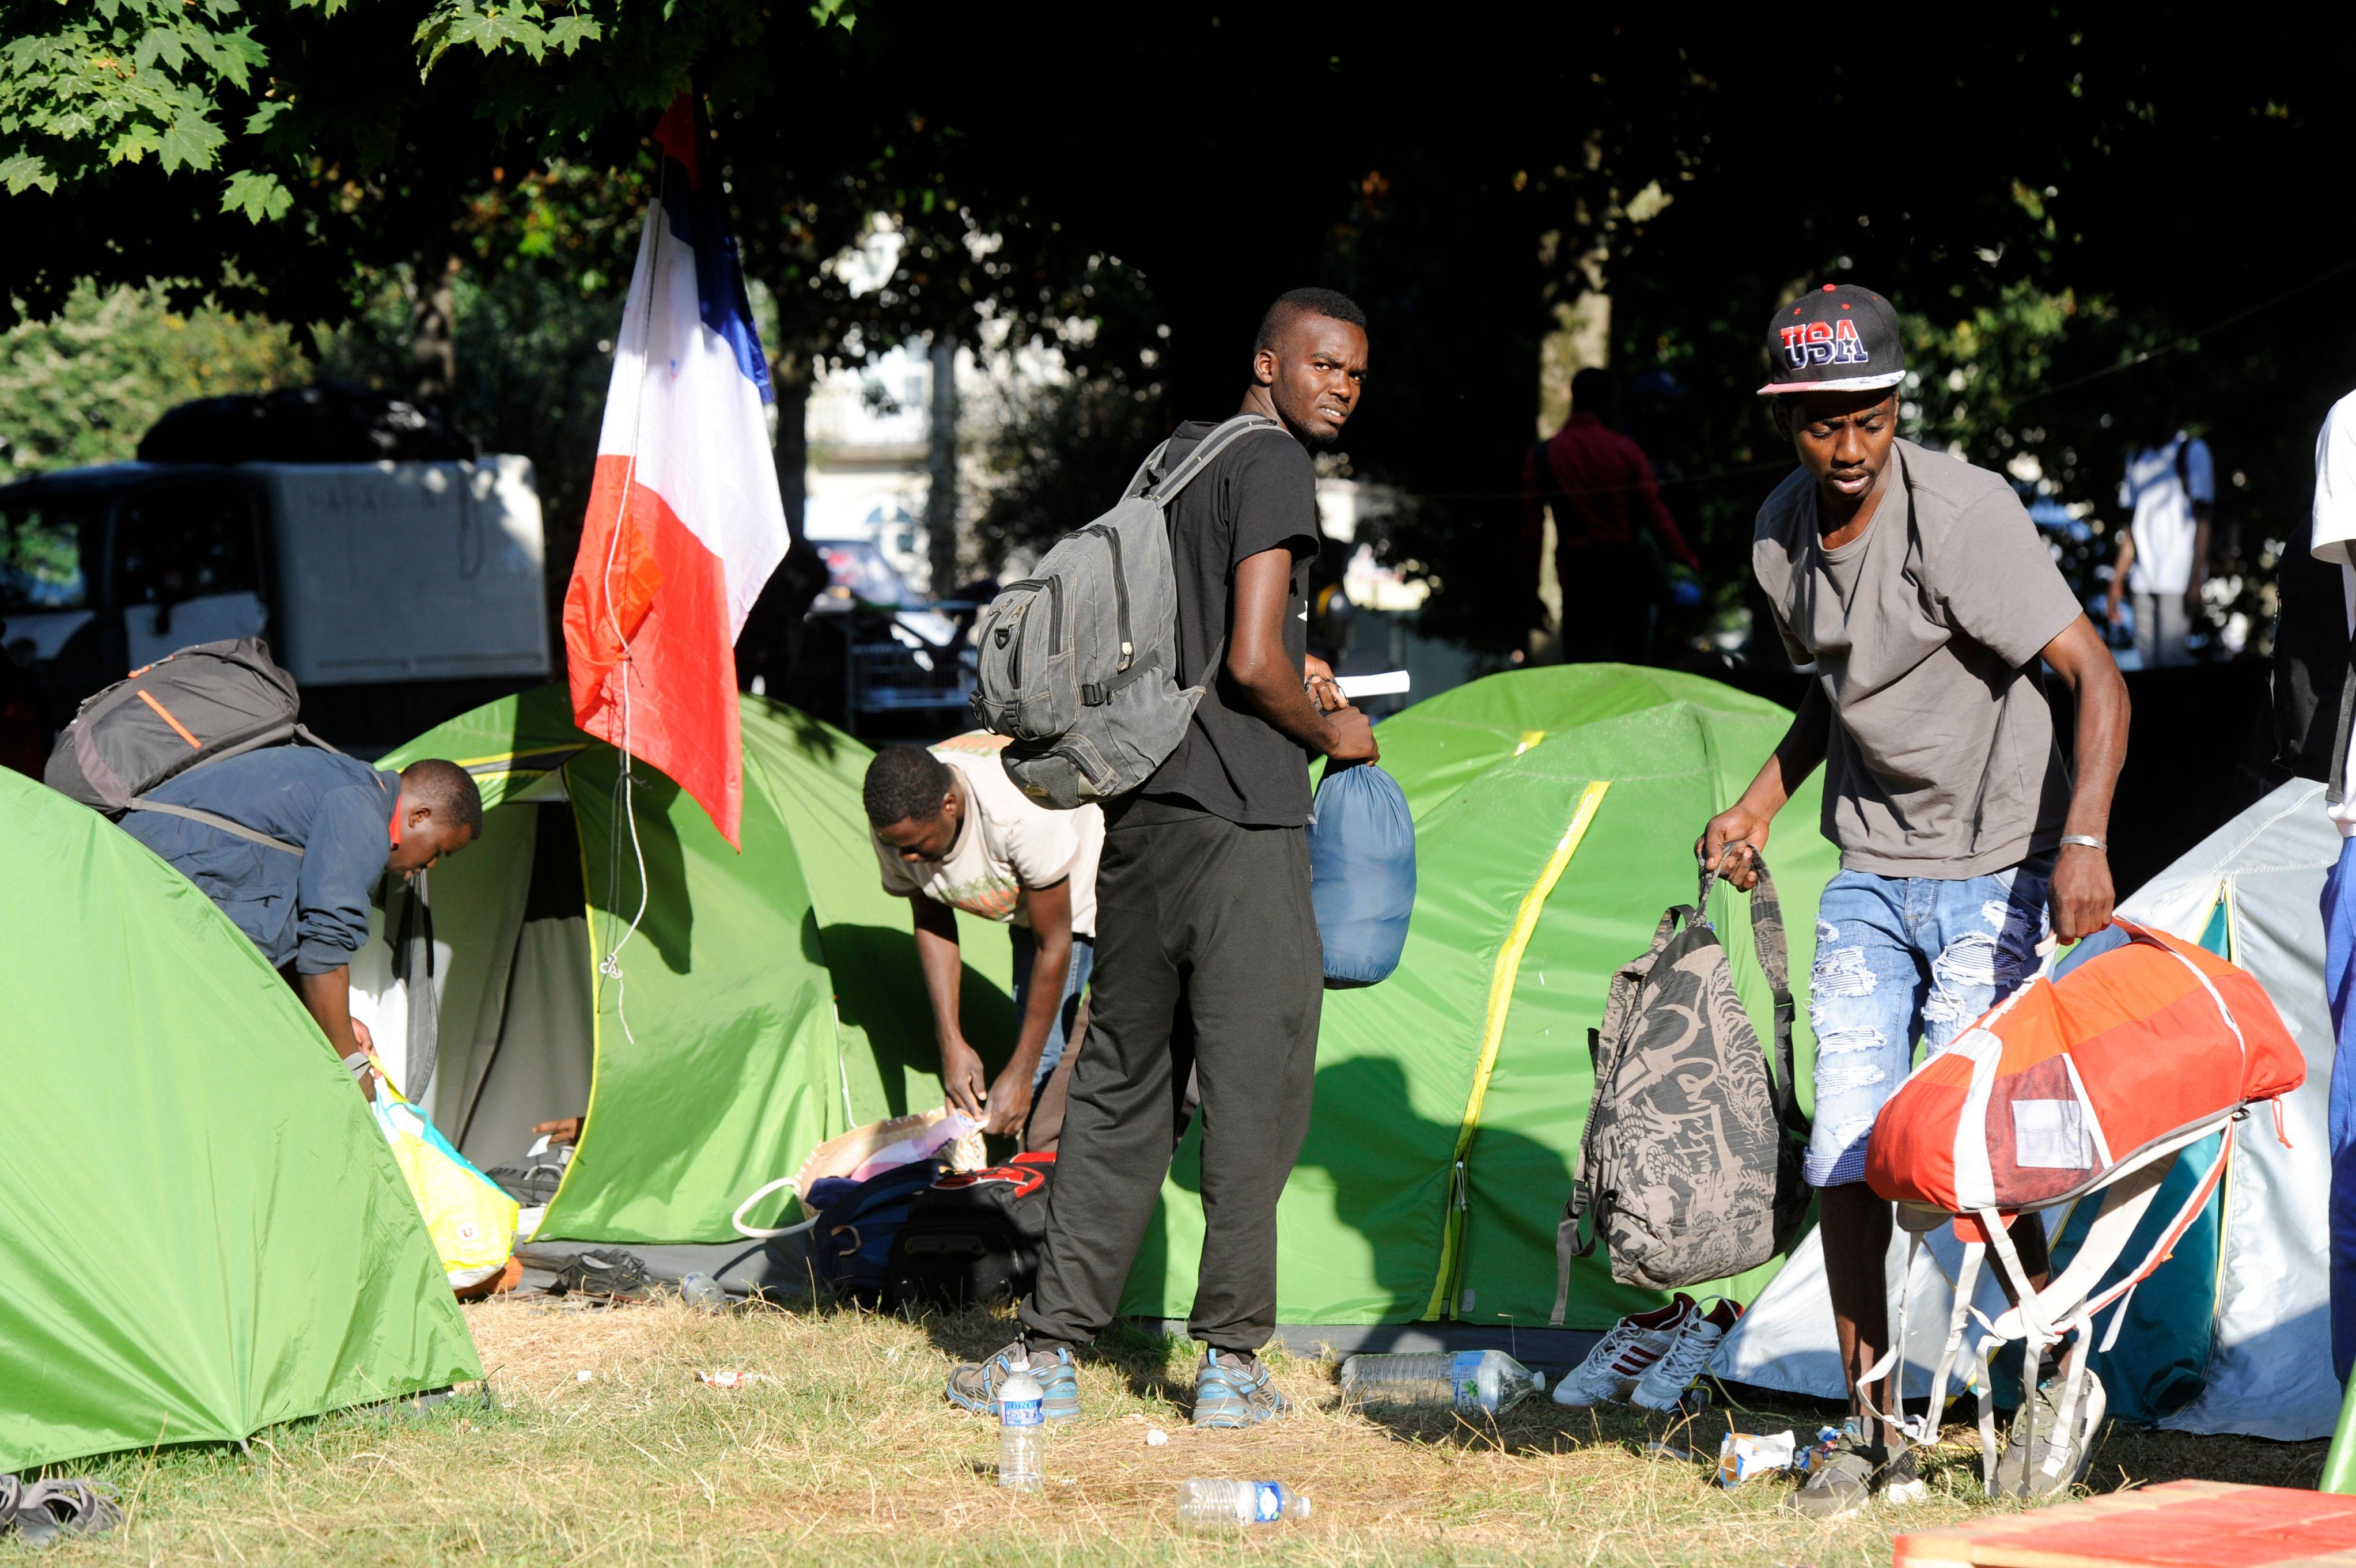 مخيم للاجئين فى فرنسا